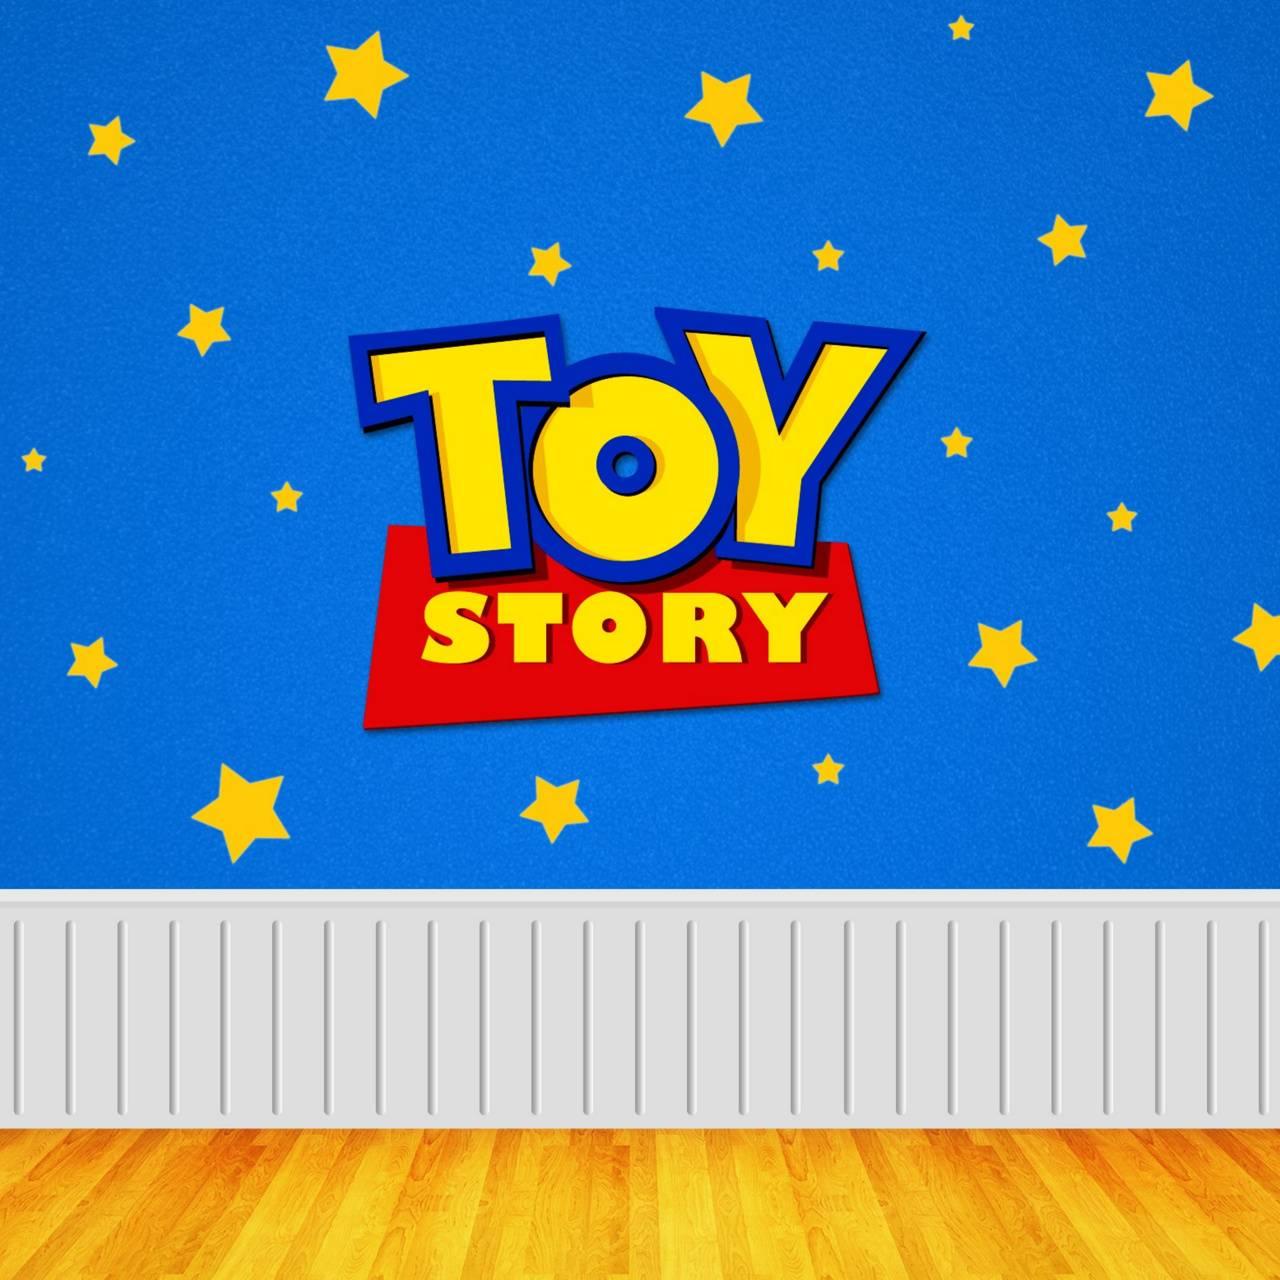 Toy story logo 4K